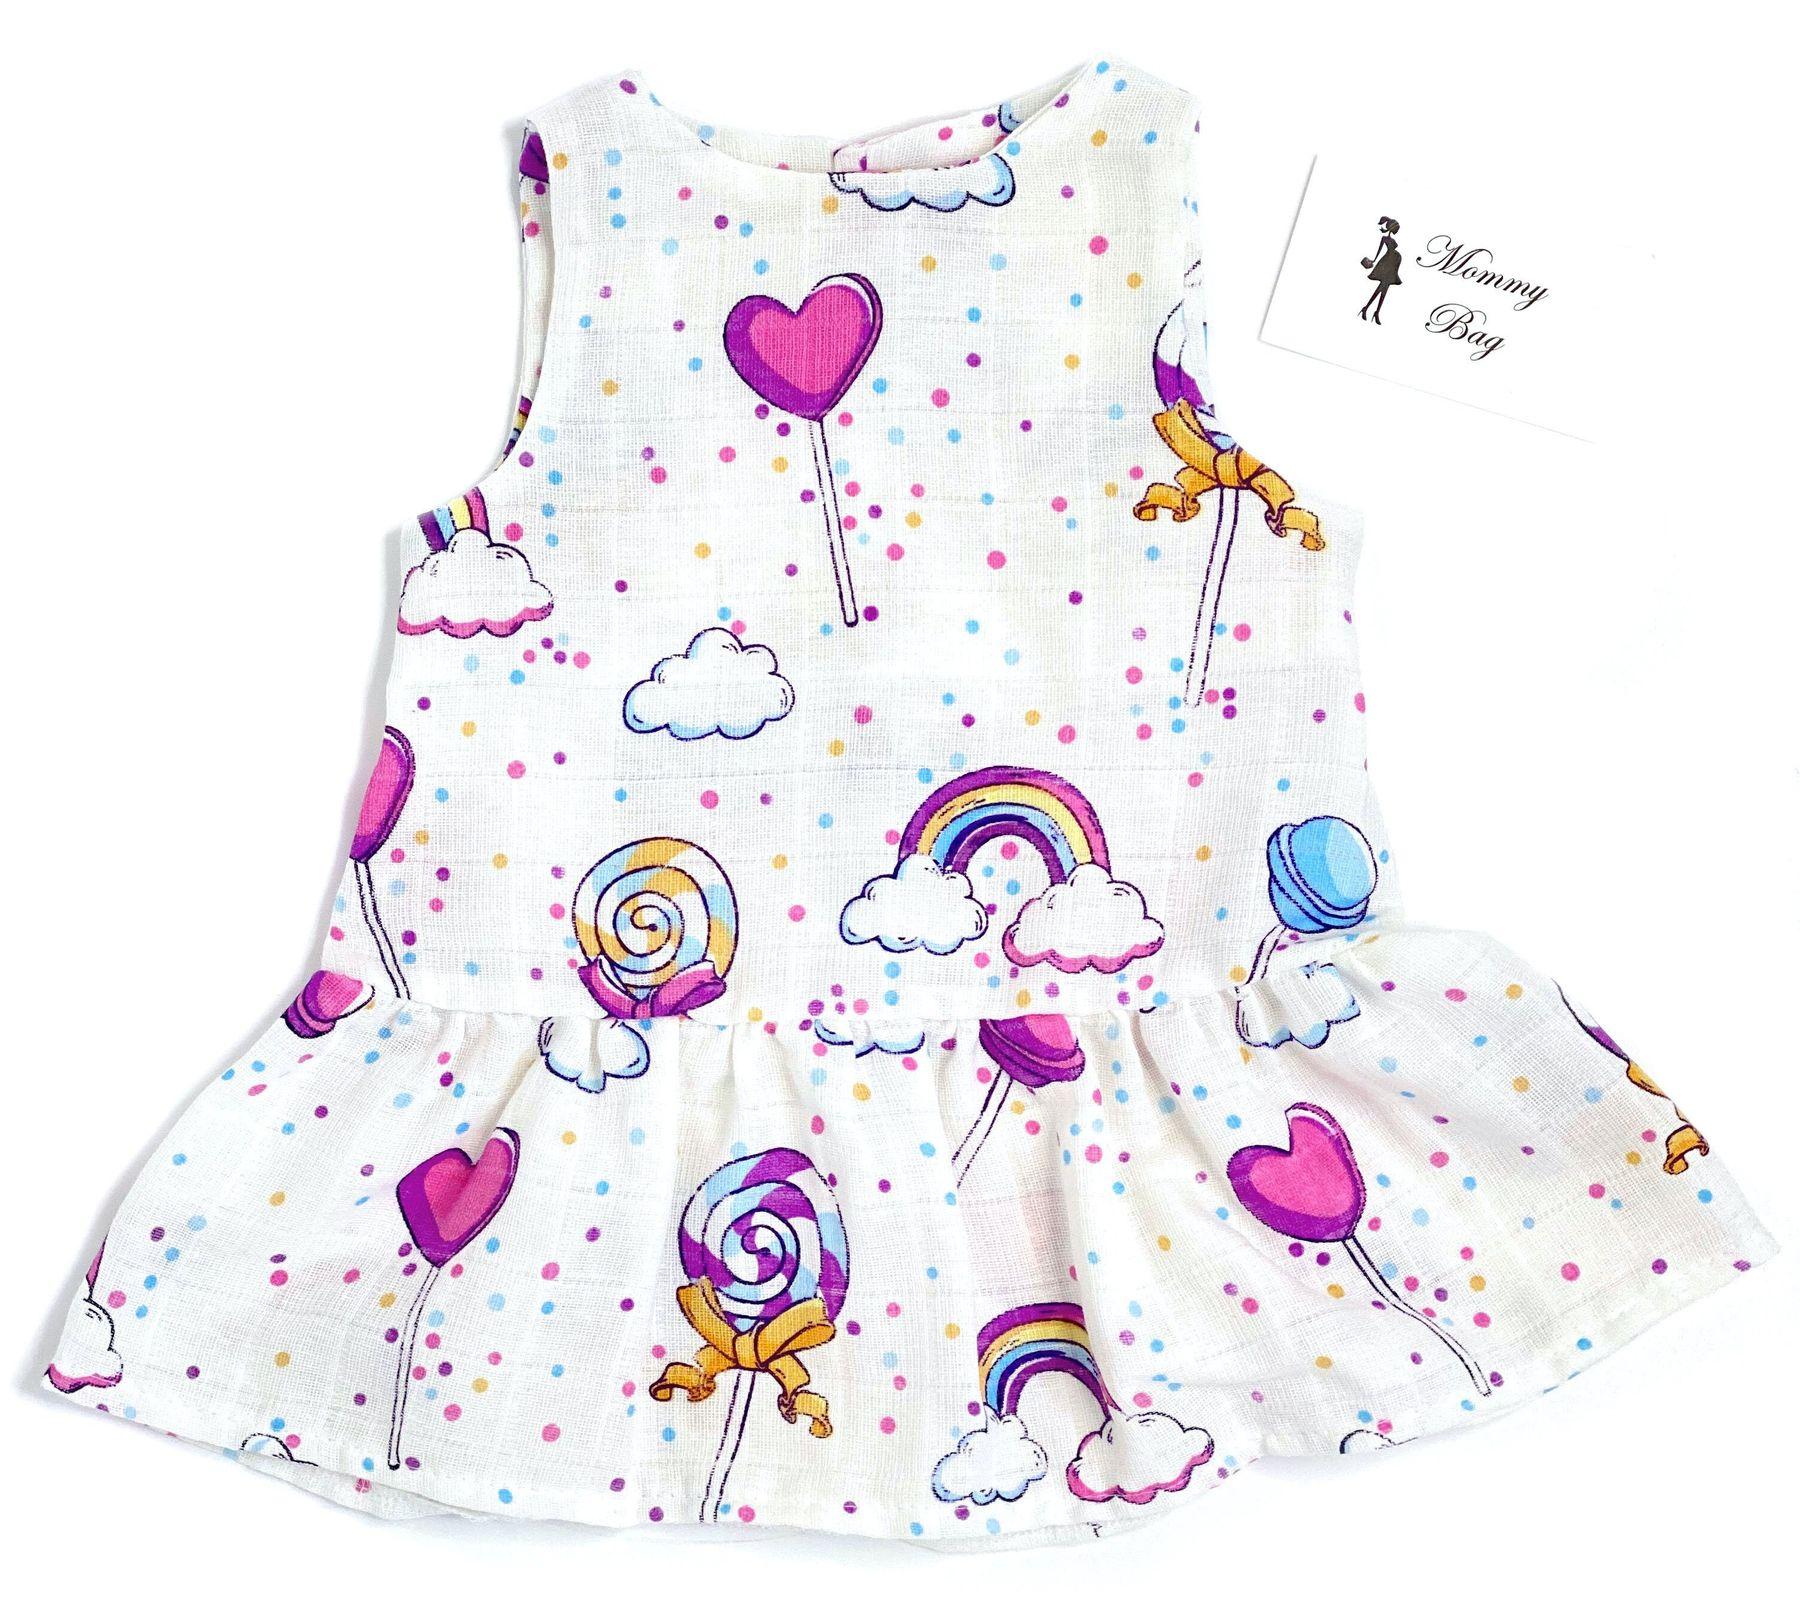 Муслиновое платье RoyalBaby Конфетки. Зображення 2